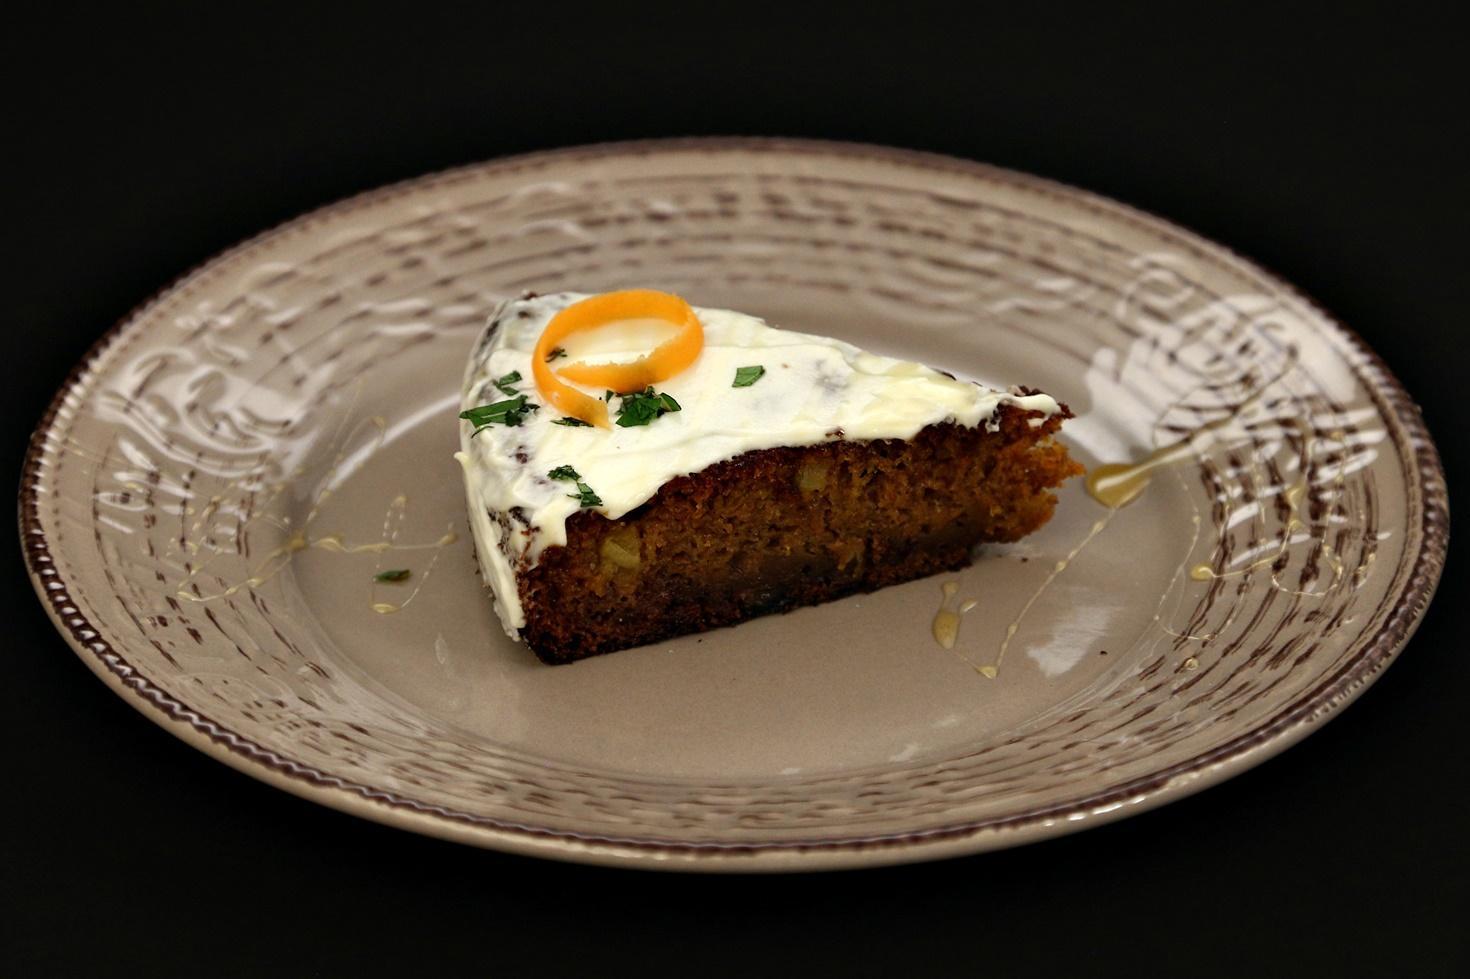 Tort de morcovi cu ananas și cremă de brânză. Carrot cake